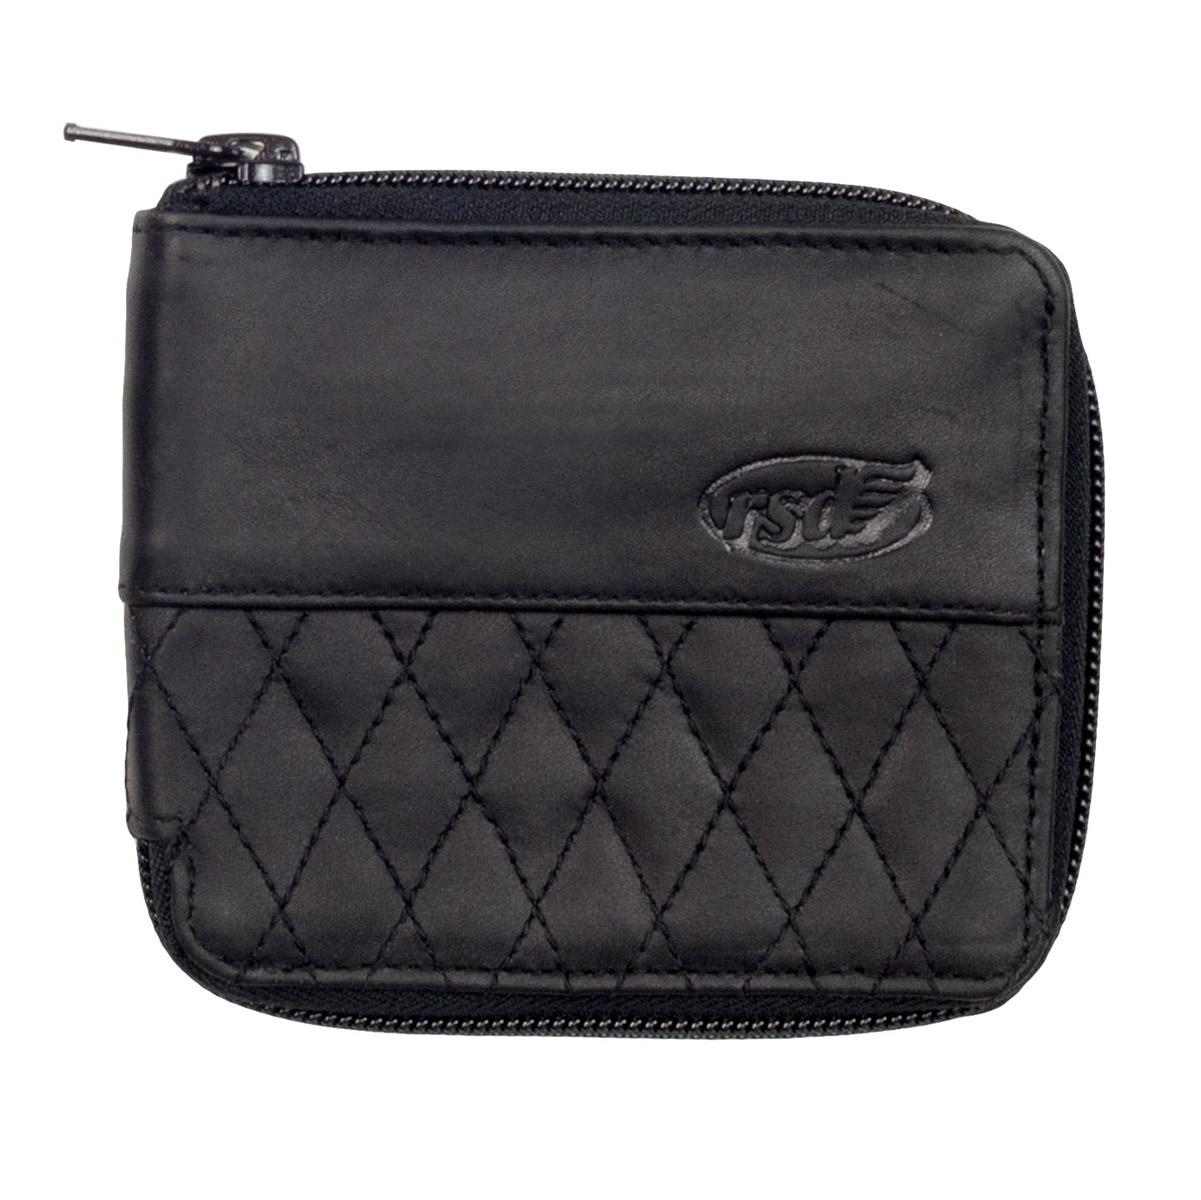 Roland Sands Design Crenshaw Black Wallet